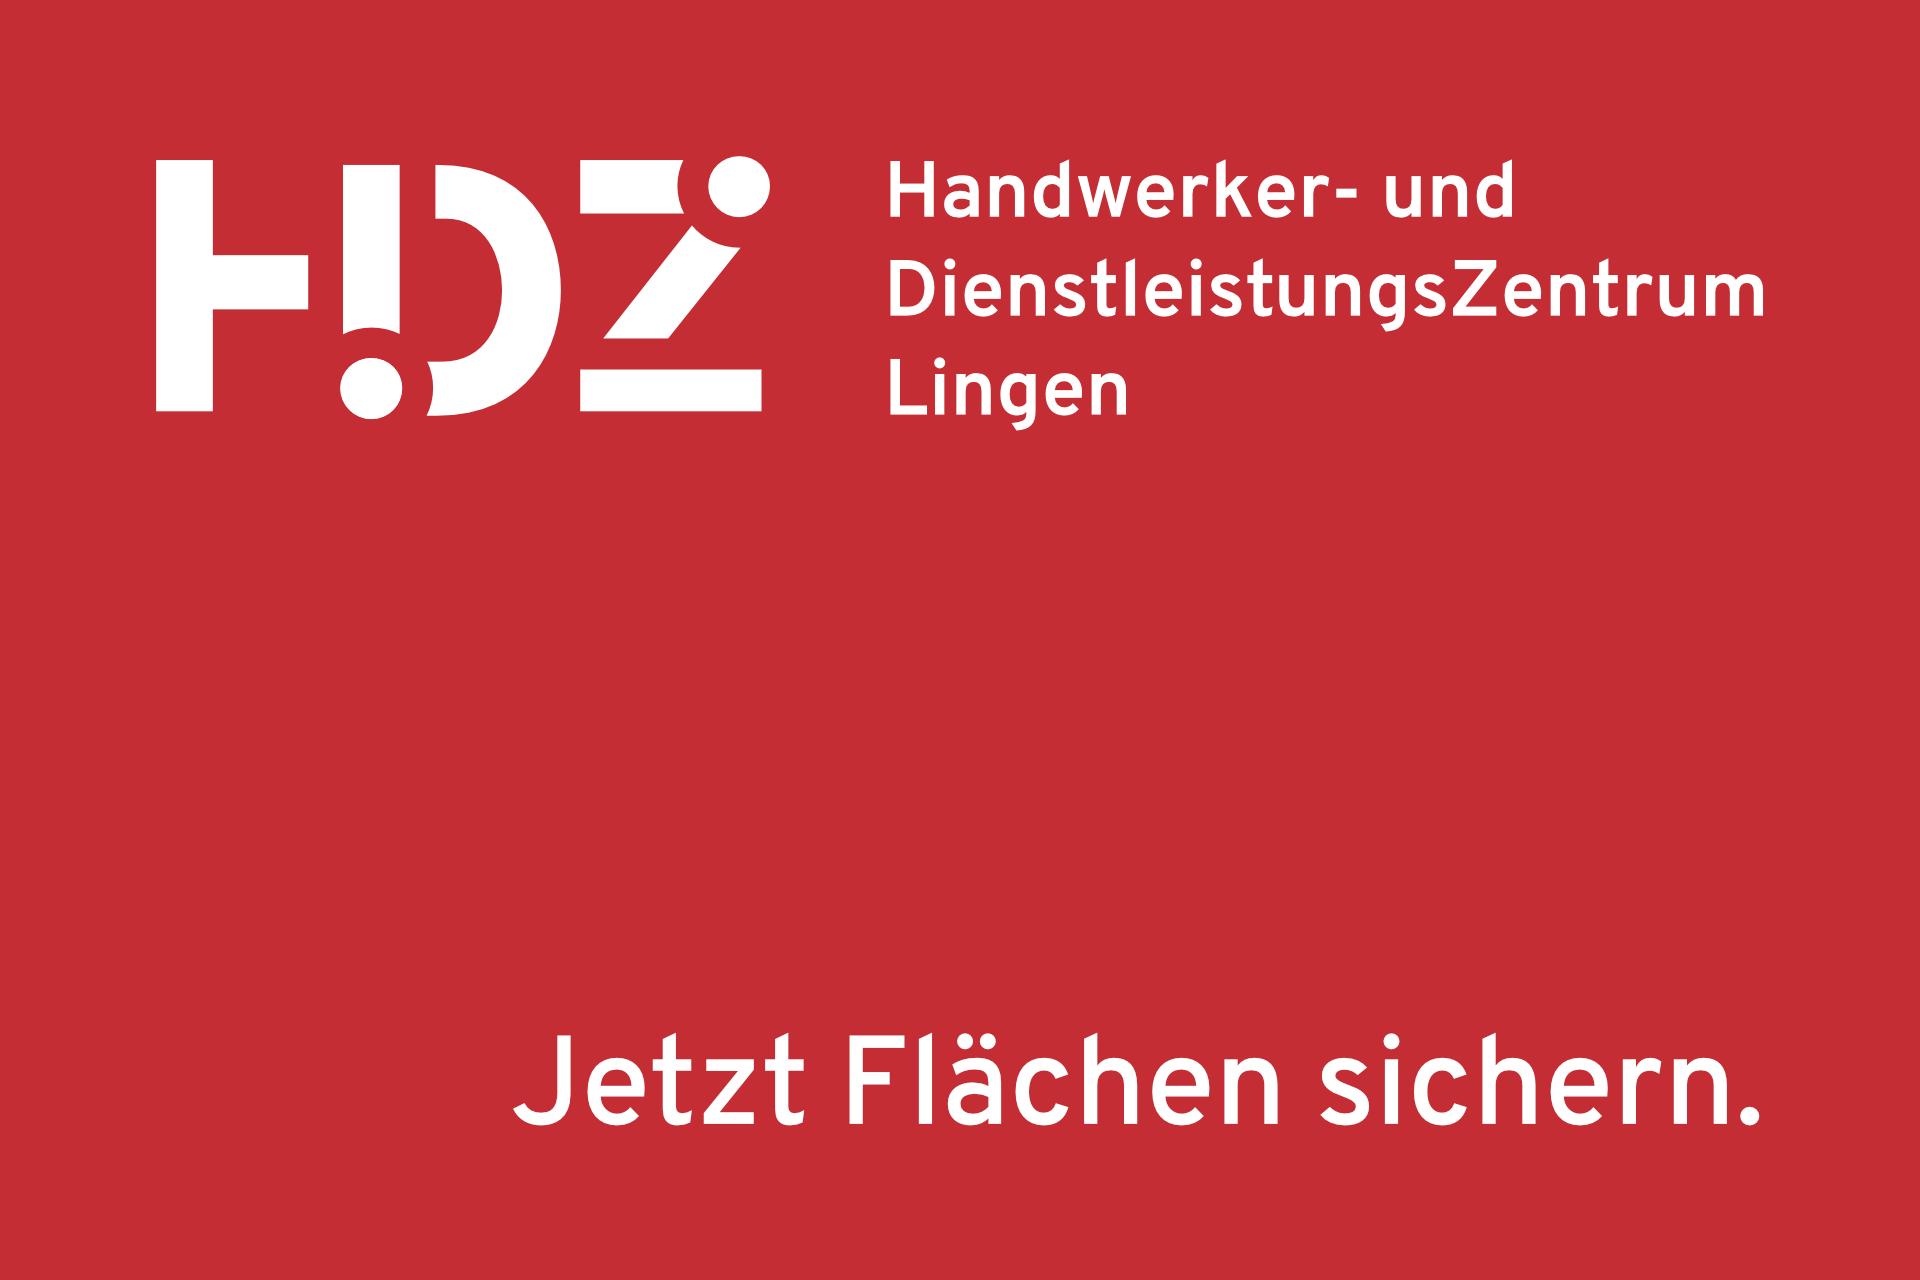 HDZ – Handwerker- und DienstleistungsZentrum Lingen